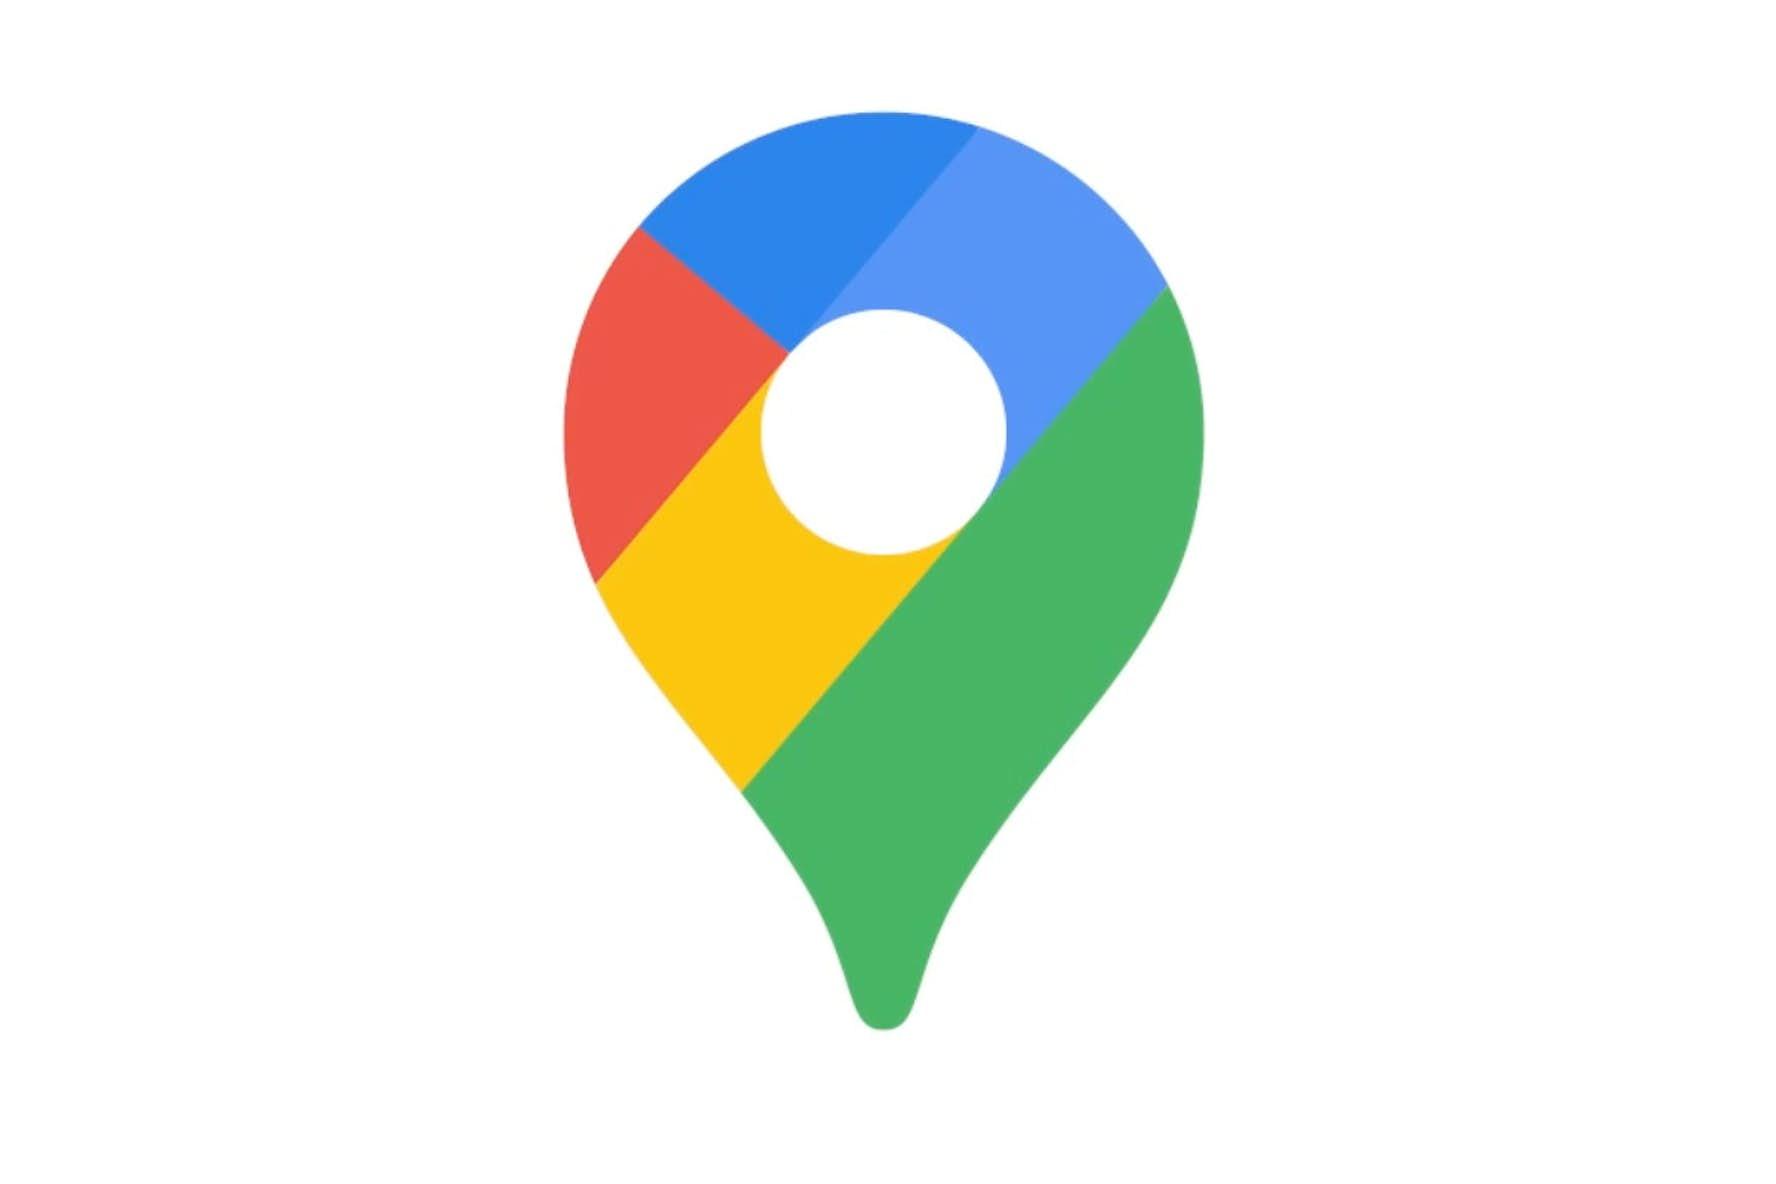 Google Mapsille Uusi Kuvake Ja Uusia Ominaisuuksia Kotimikro Fi